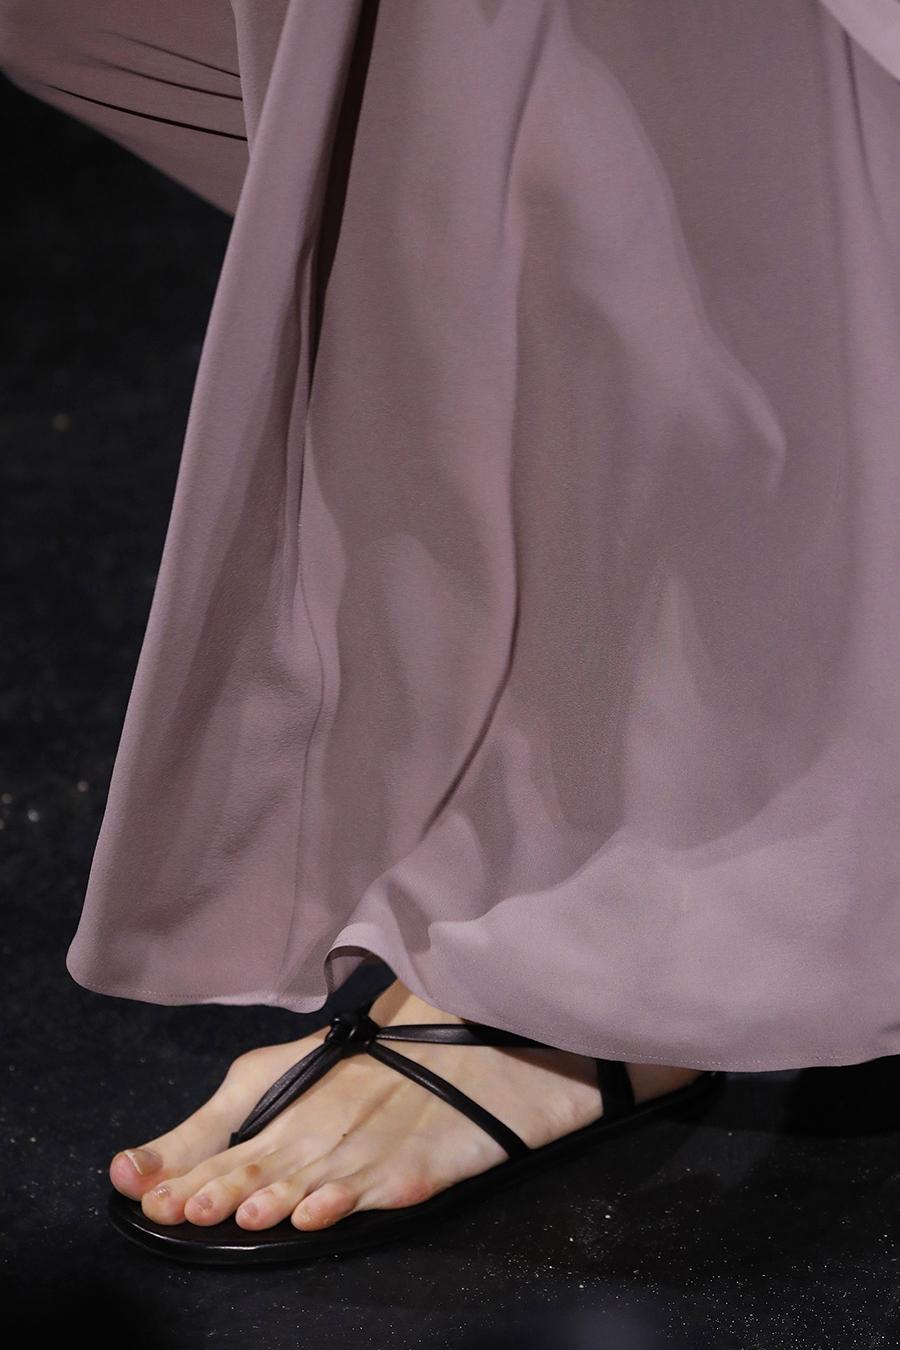 педикюр голый ню нюовый nude бесцветный без лака бежевый розовый